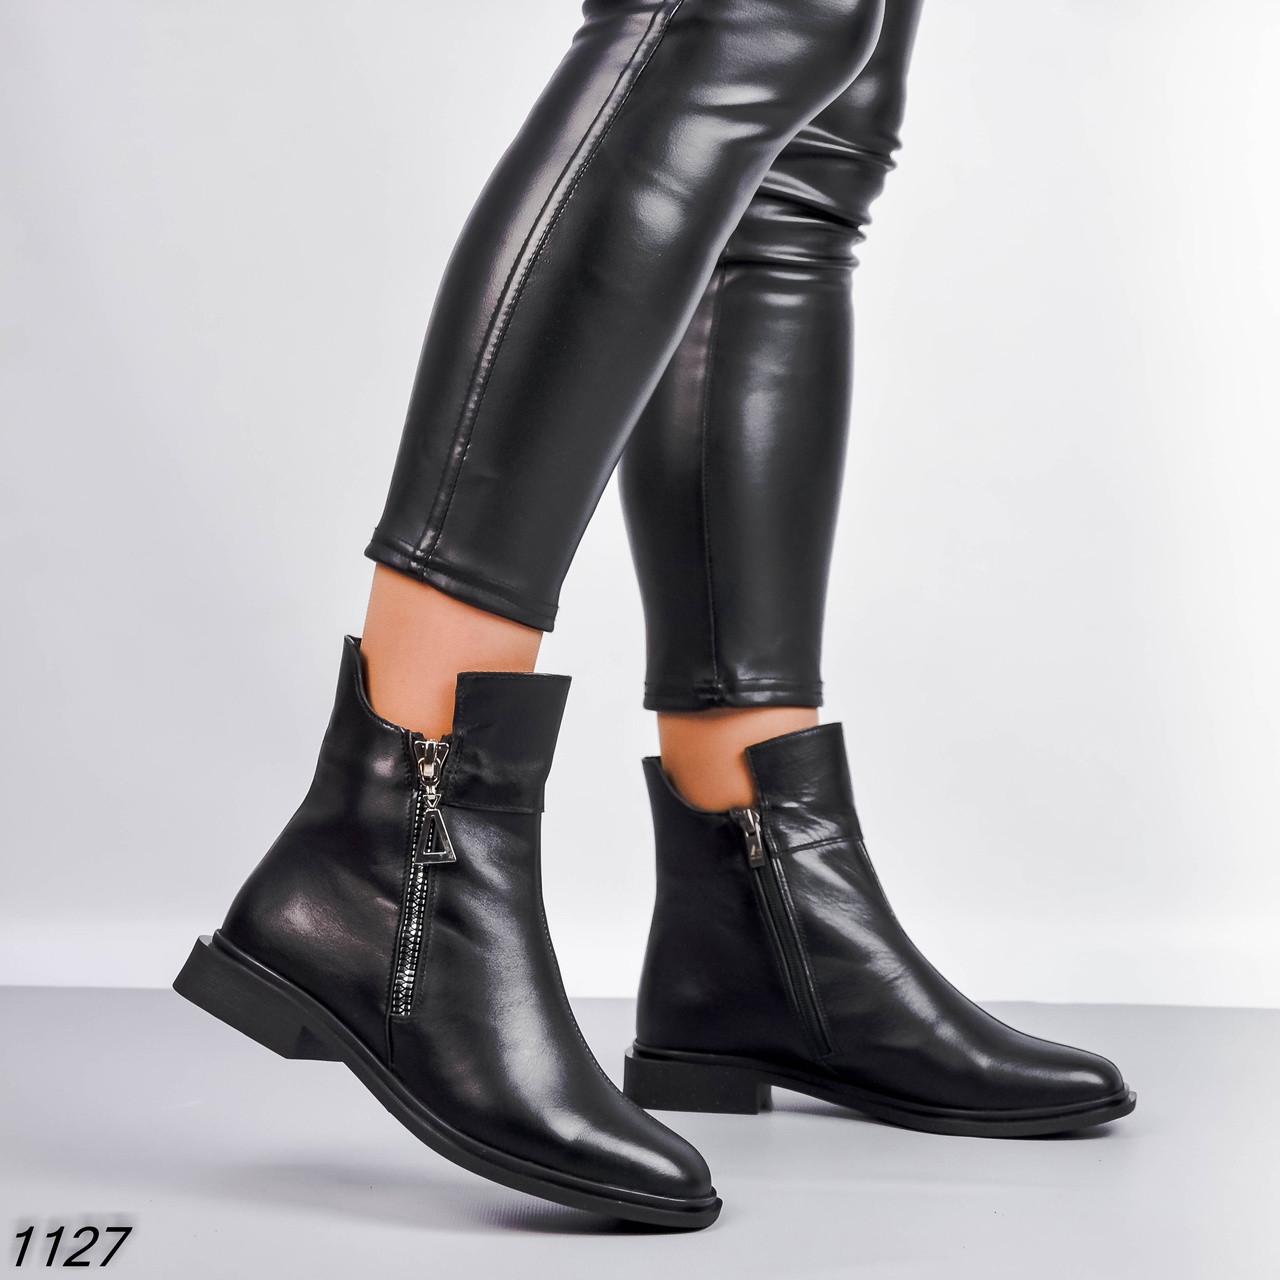 Жіночі черевики Колір - Чорний Матеріал - нат.шкіра